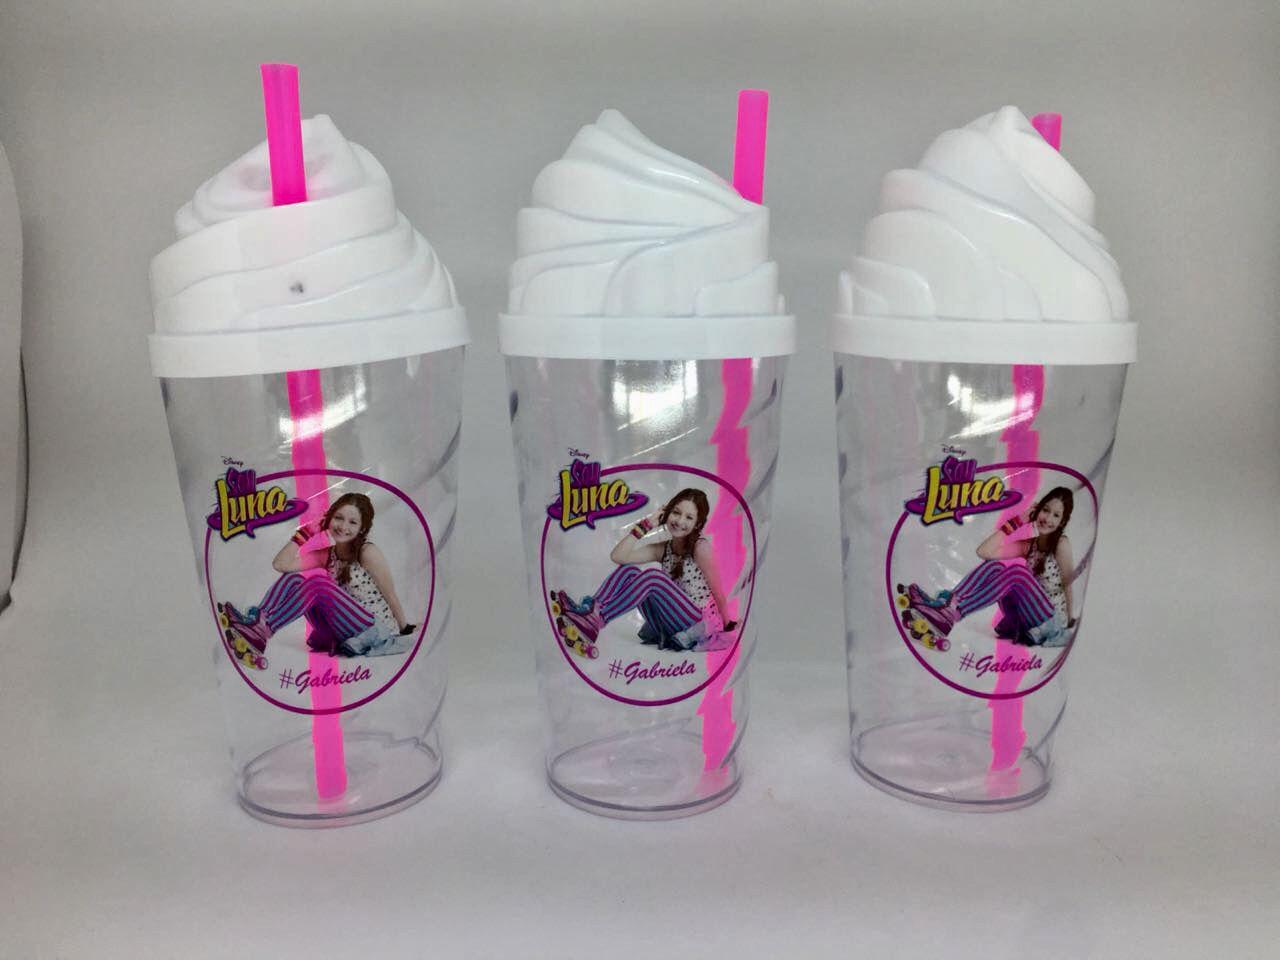 Copo Shake com Tampa Chantilly e Canudo 500 ml Personalizado - Kit 20 unidades  - Bolas Lassabia - Bolas e Brindes Personalizados